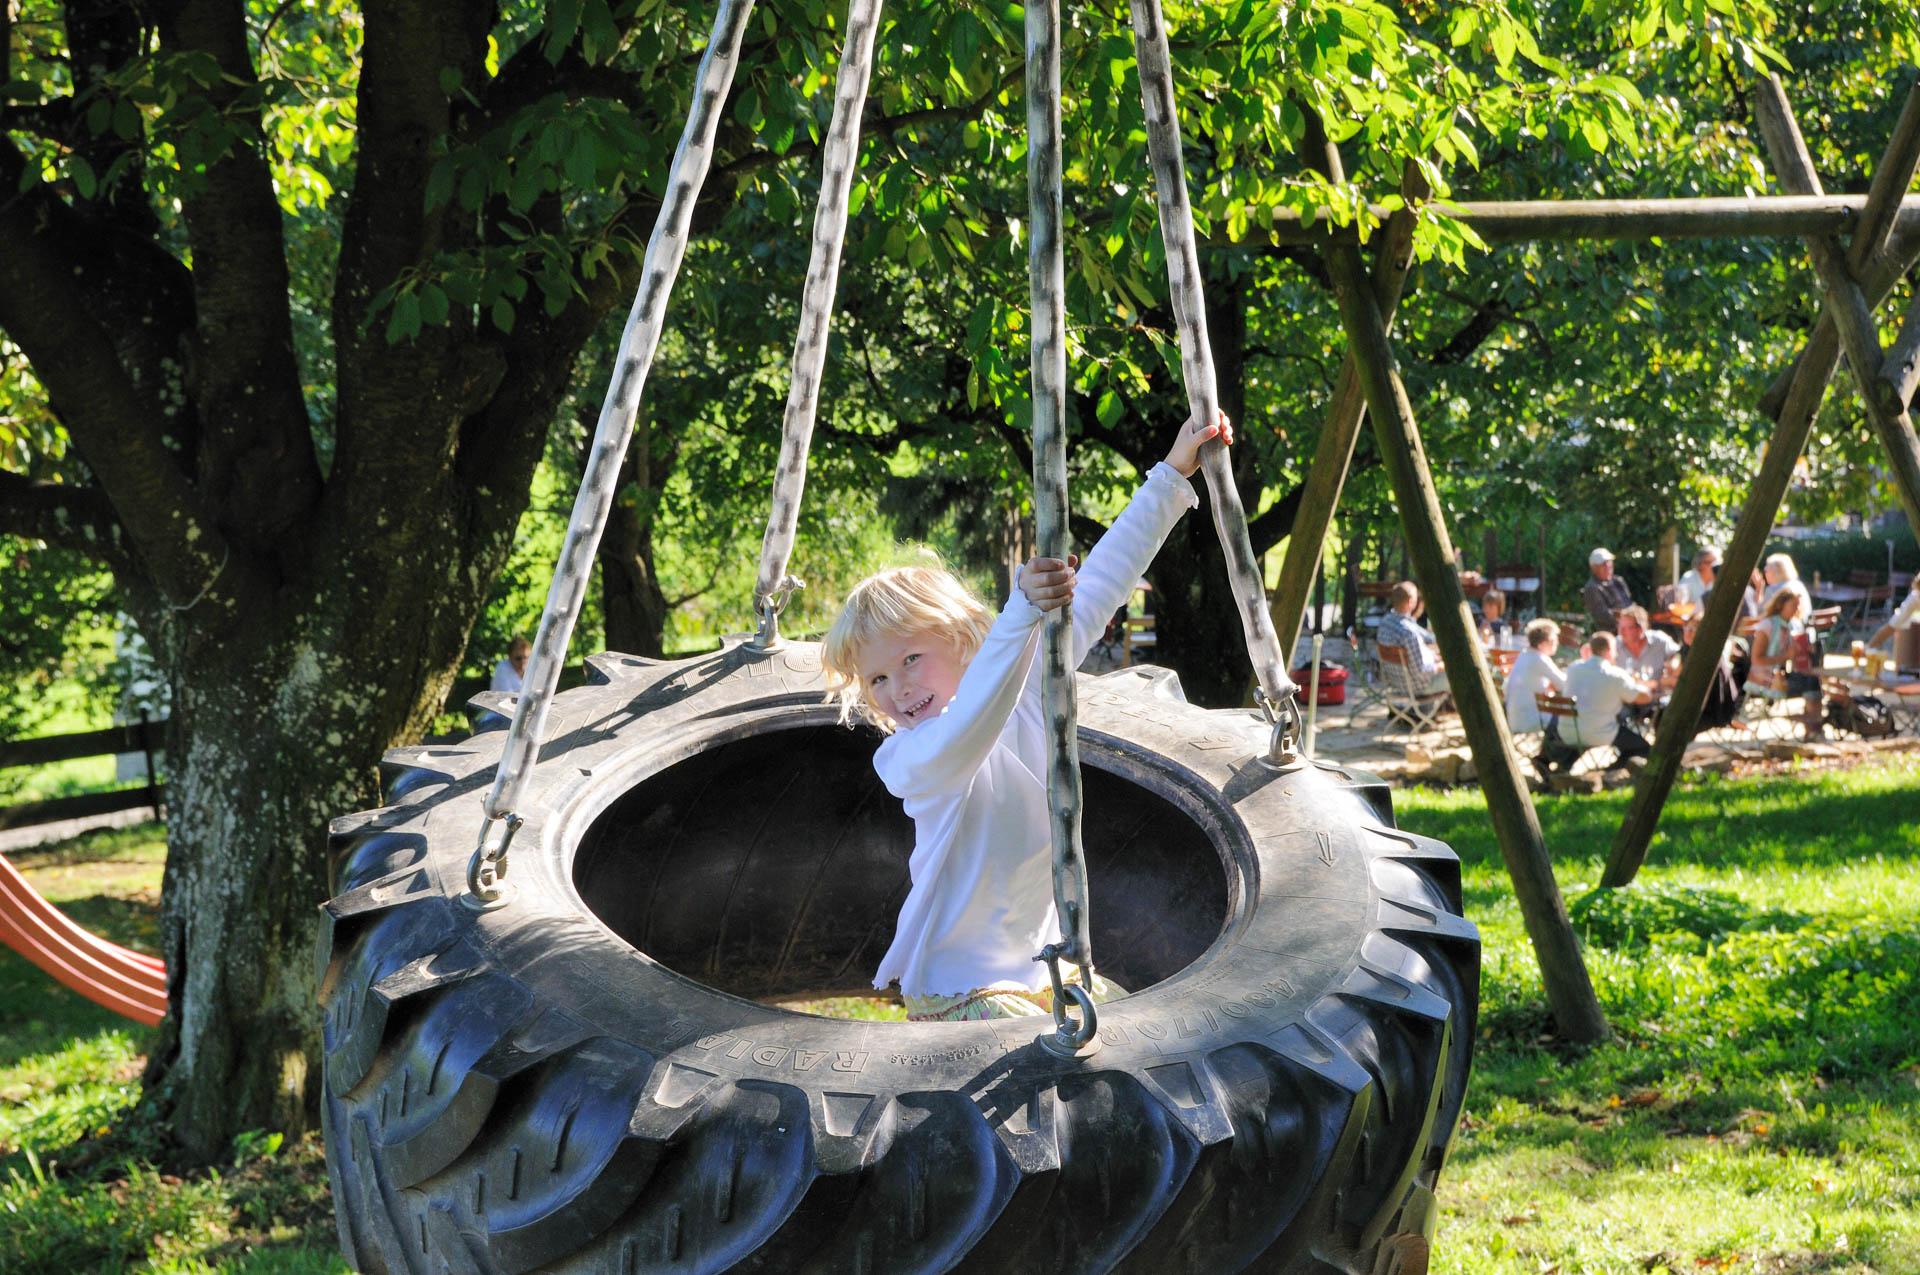 Der Kinderspielplatz beim Biergarten des Gasthaus Seerose in Nitzenweiler bei Kressbronn am Bodensee